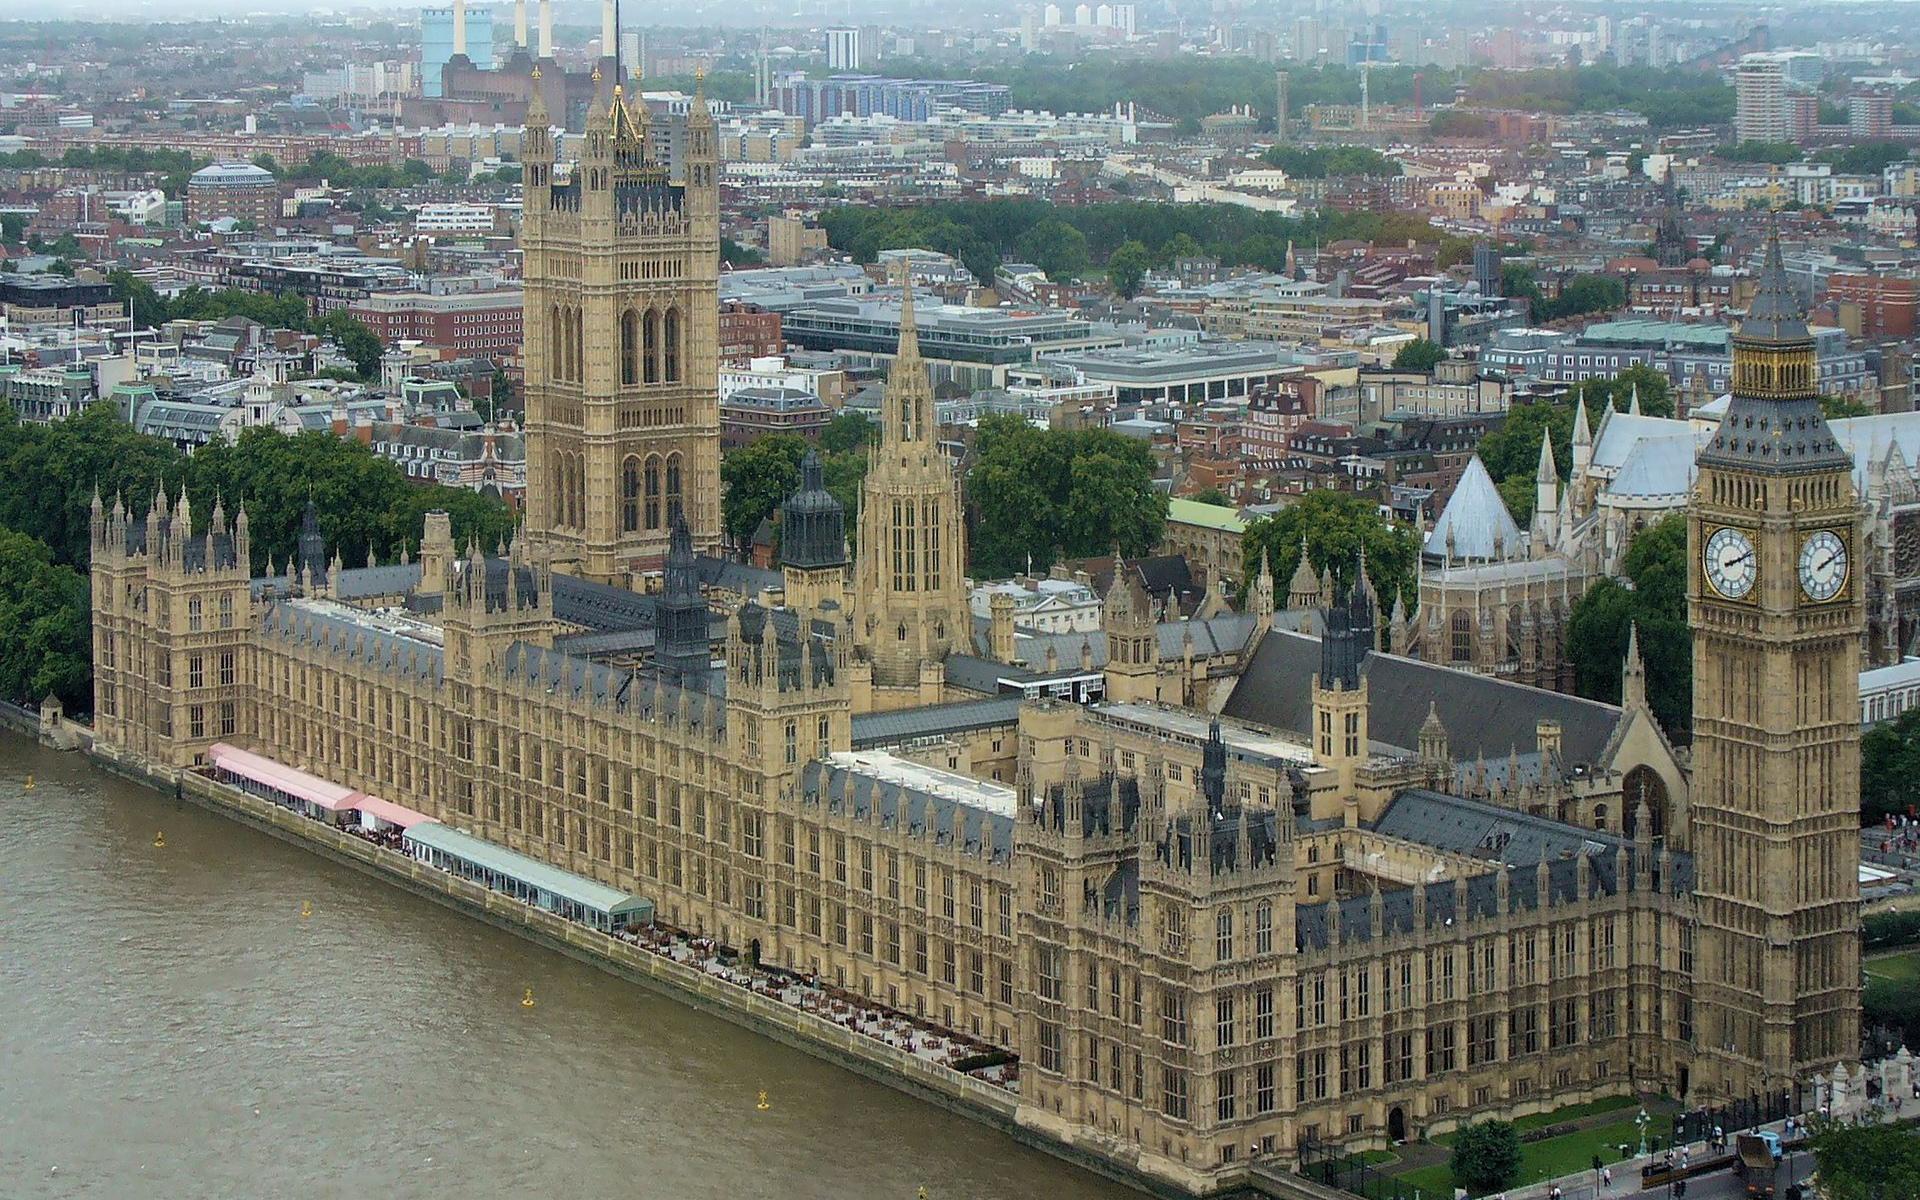 「ウエストミンスター宮殿、ウエストミンスター大寺院及び聖マーガレット教会」 ロンドンの歴史を体感できる世界遺産